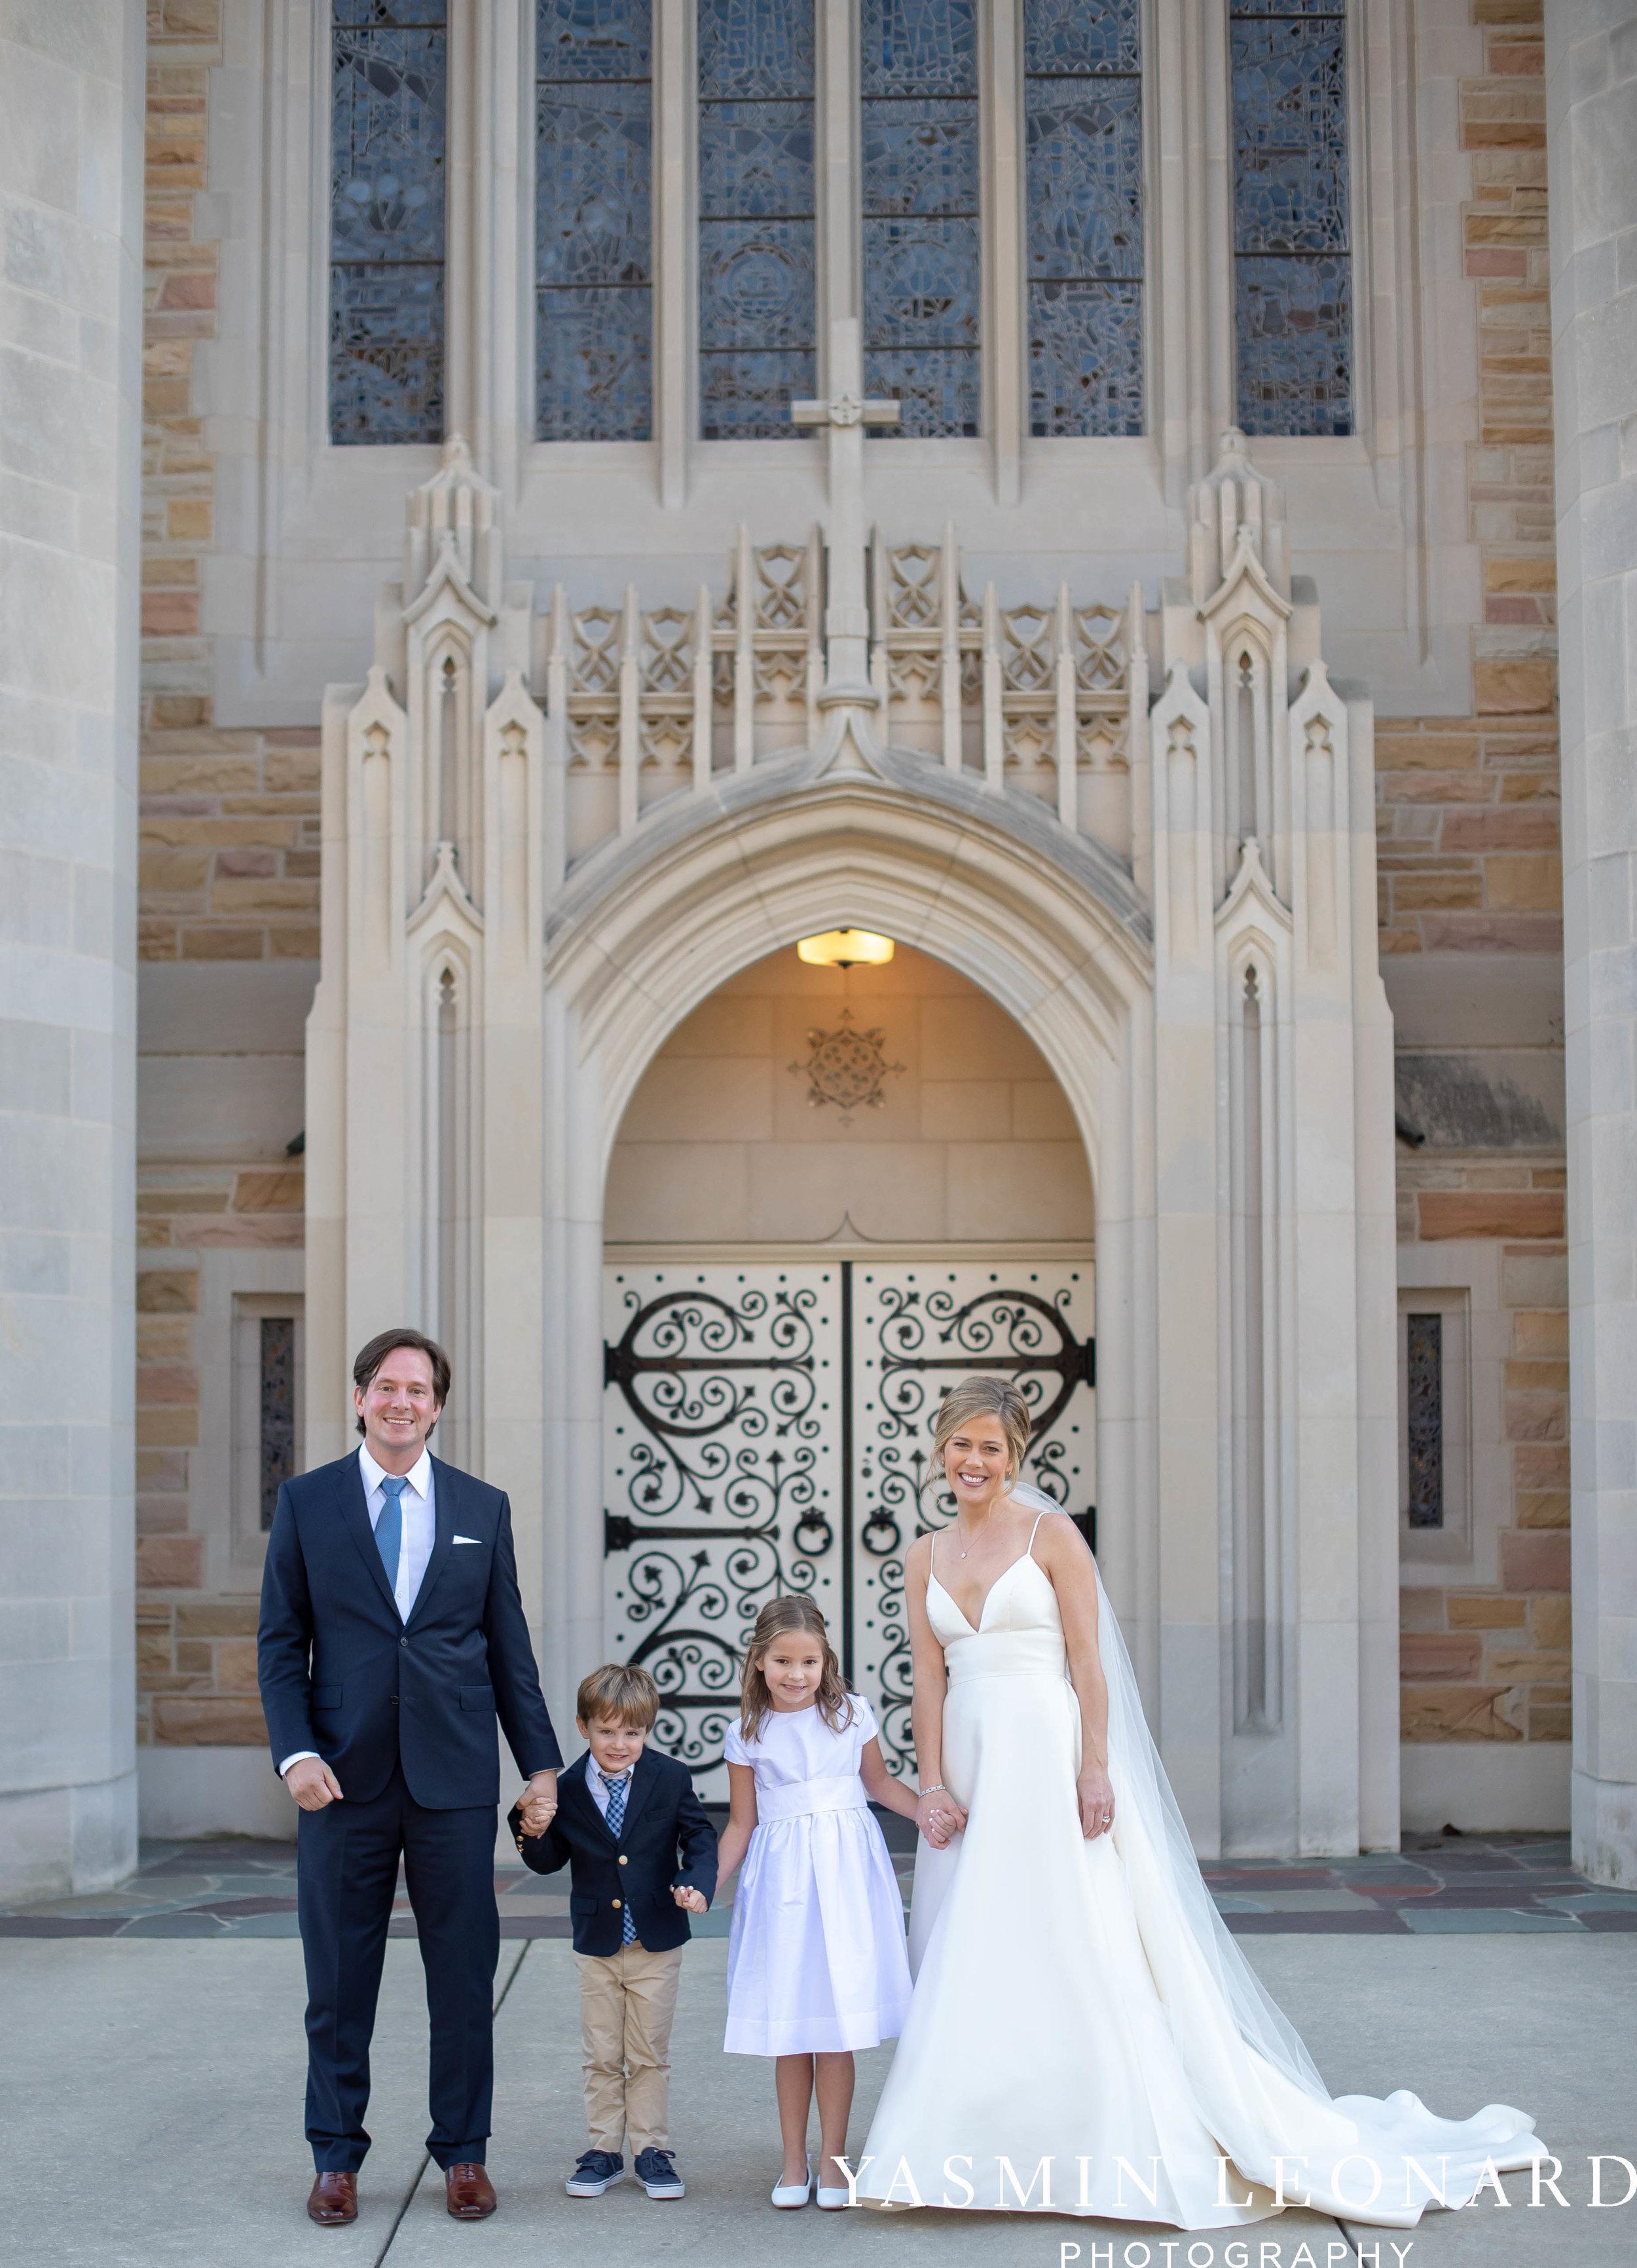 Wesley Memorial United Methodist Church - EmeryWood - High Point Weddings - High Point Wedding Photographer - NC Wedding Photographer - Yasmin Leonard Photography-32.jpg